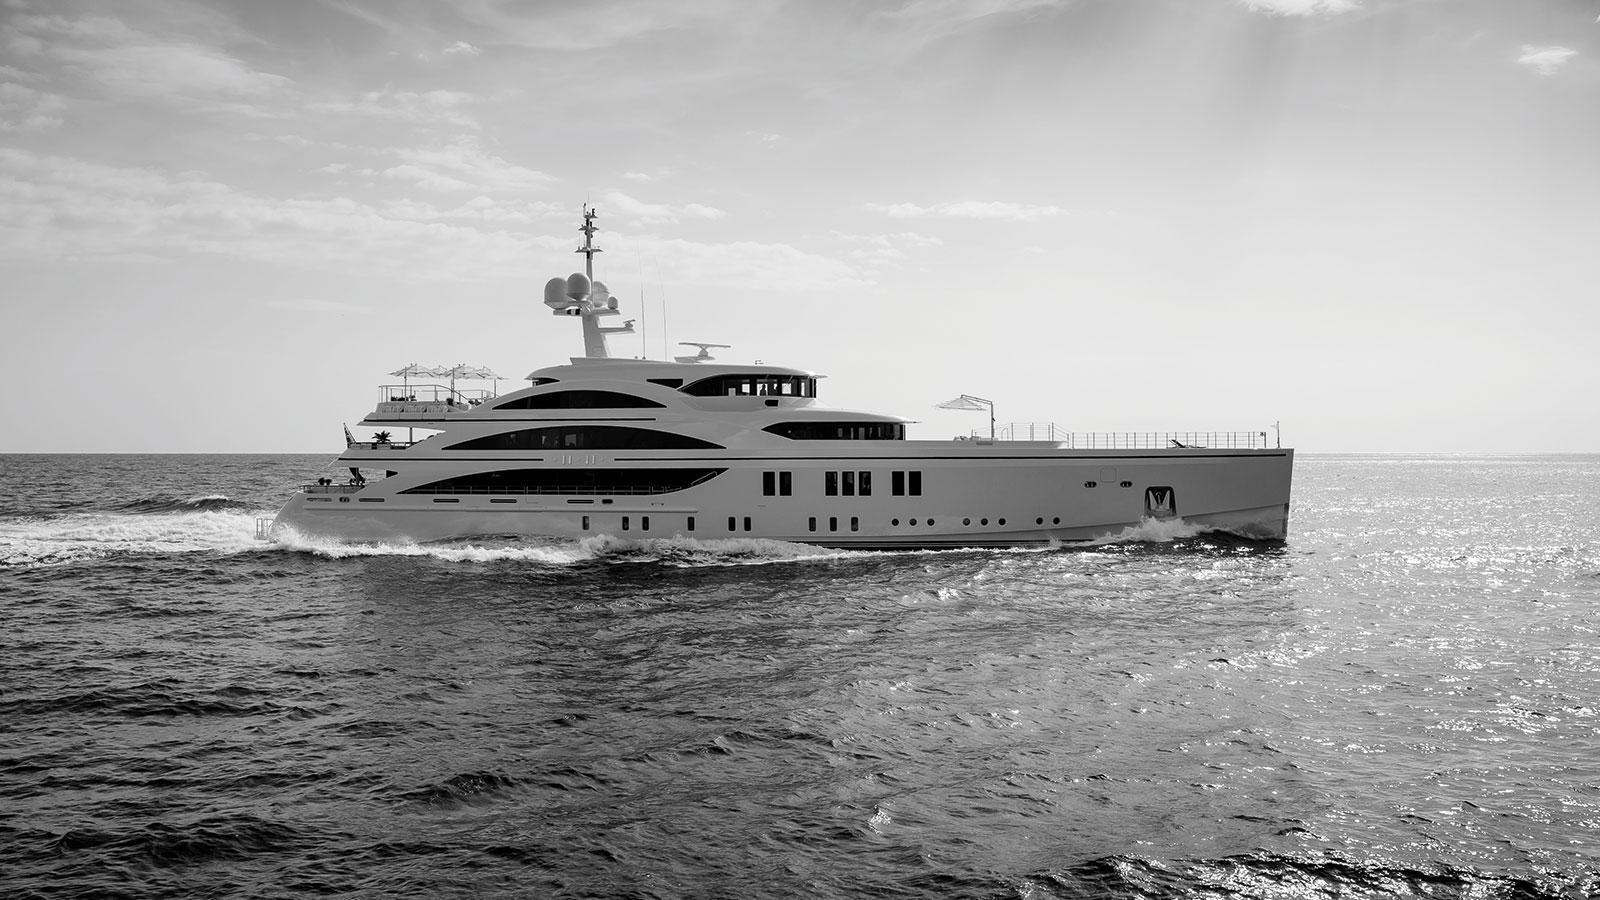 1111-motor-yacht-benetti-2015-63m-running-black-white